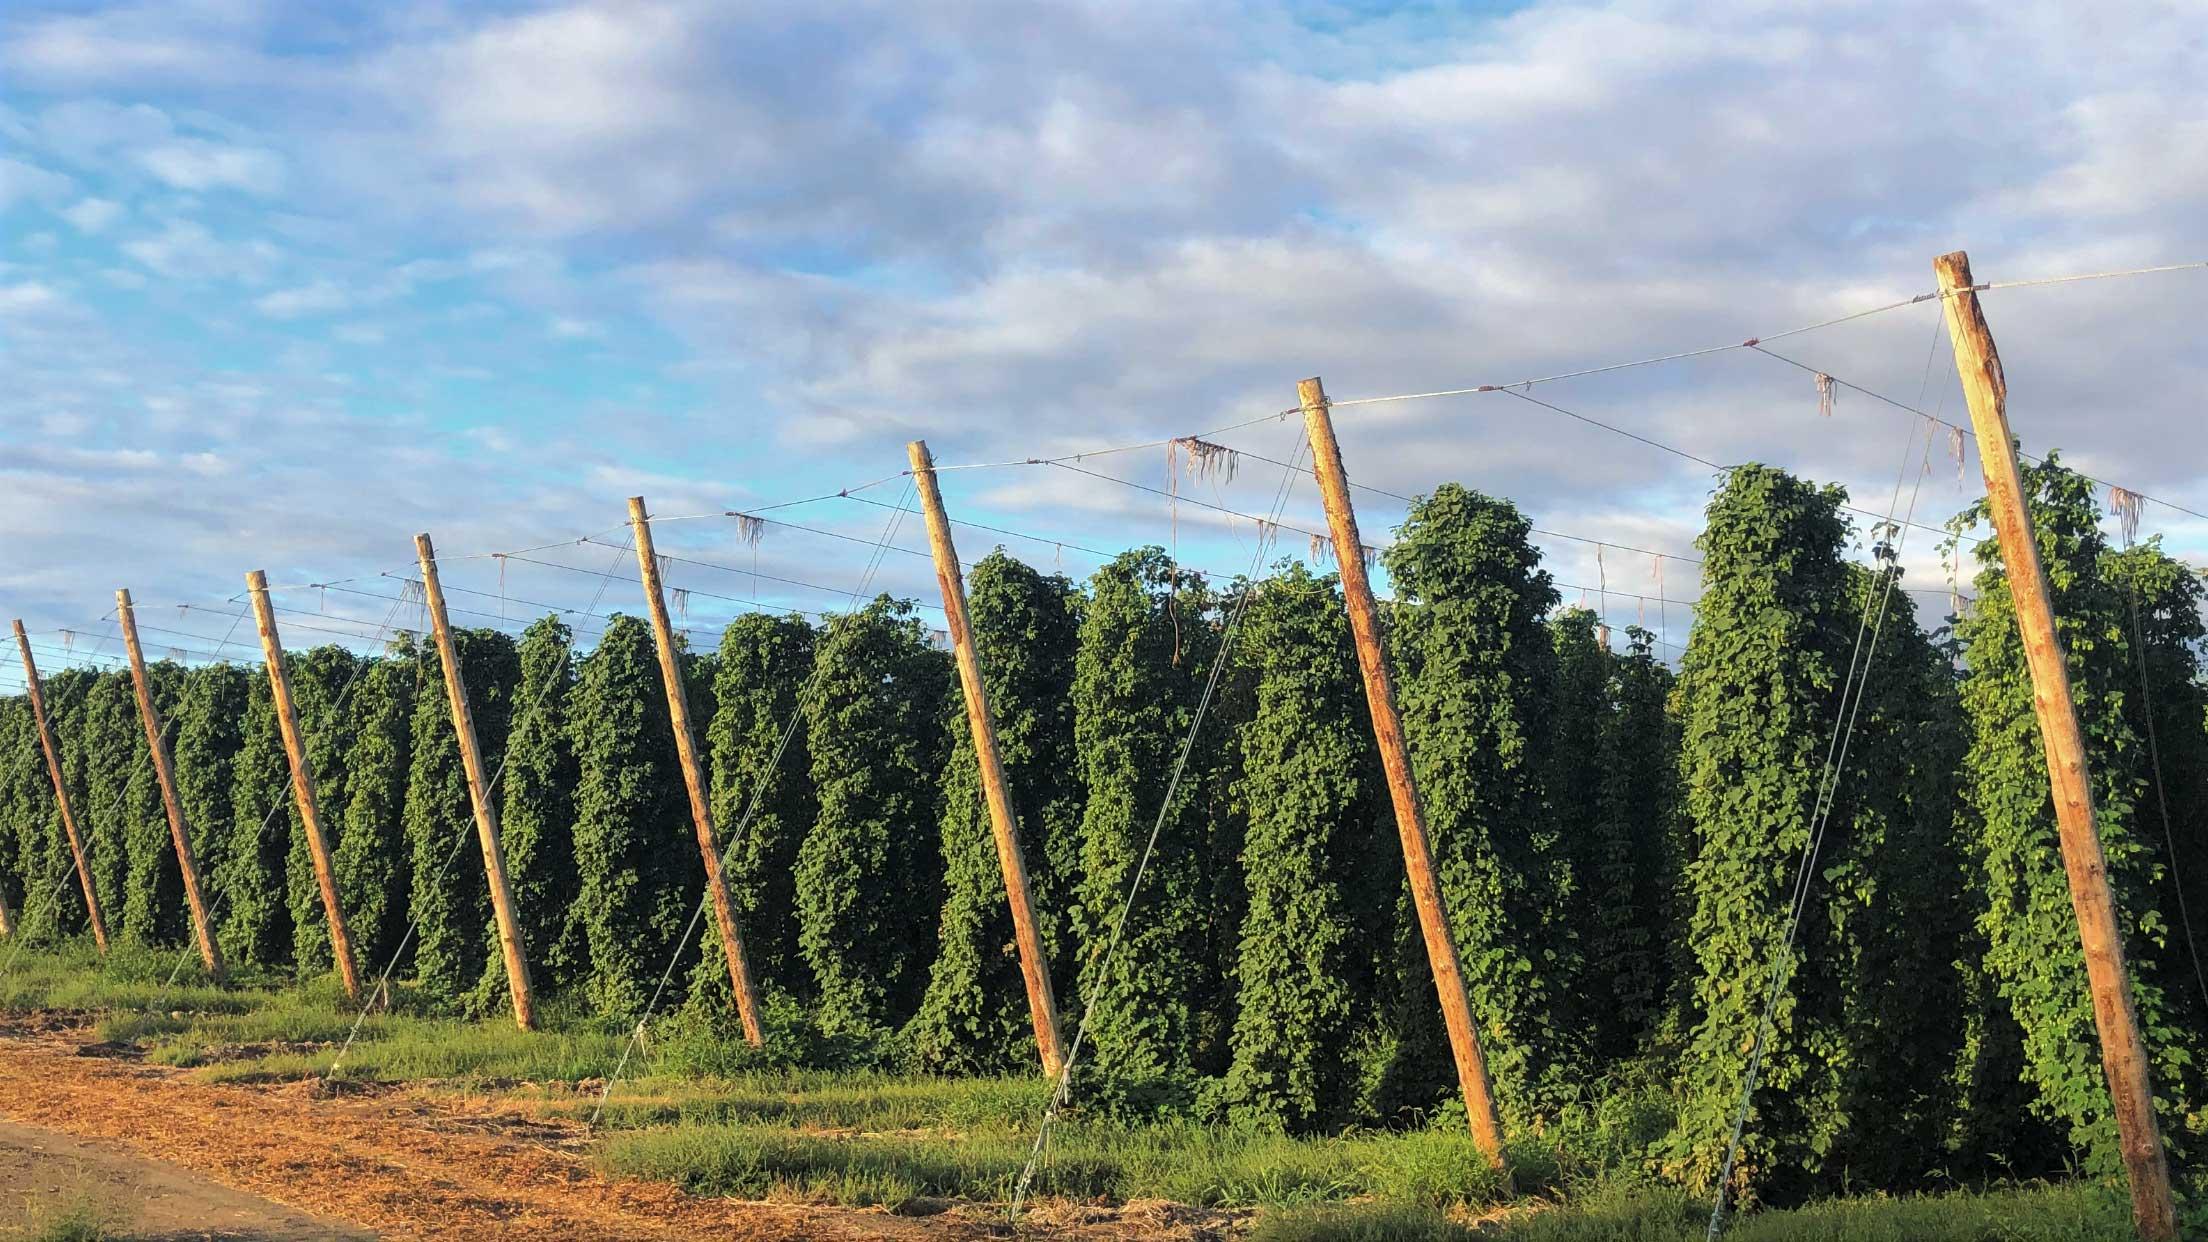 City of Moxee hop fields